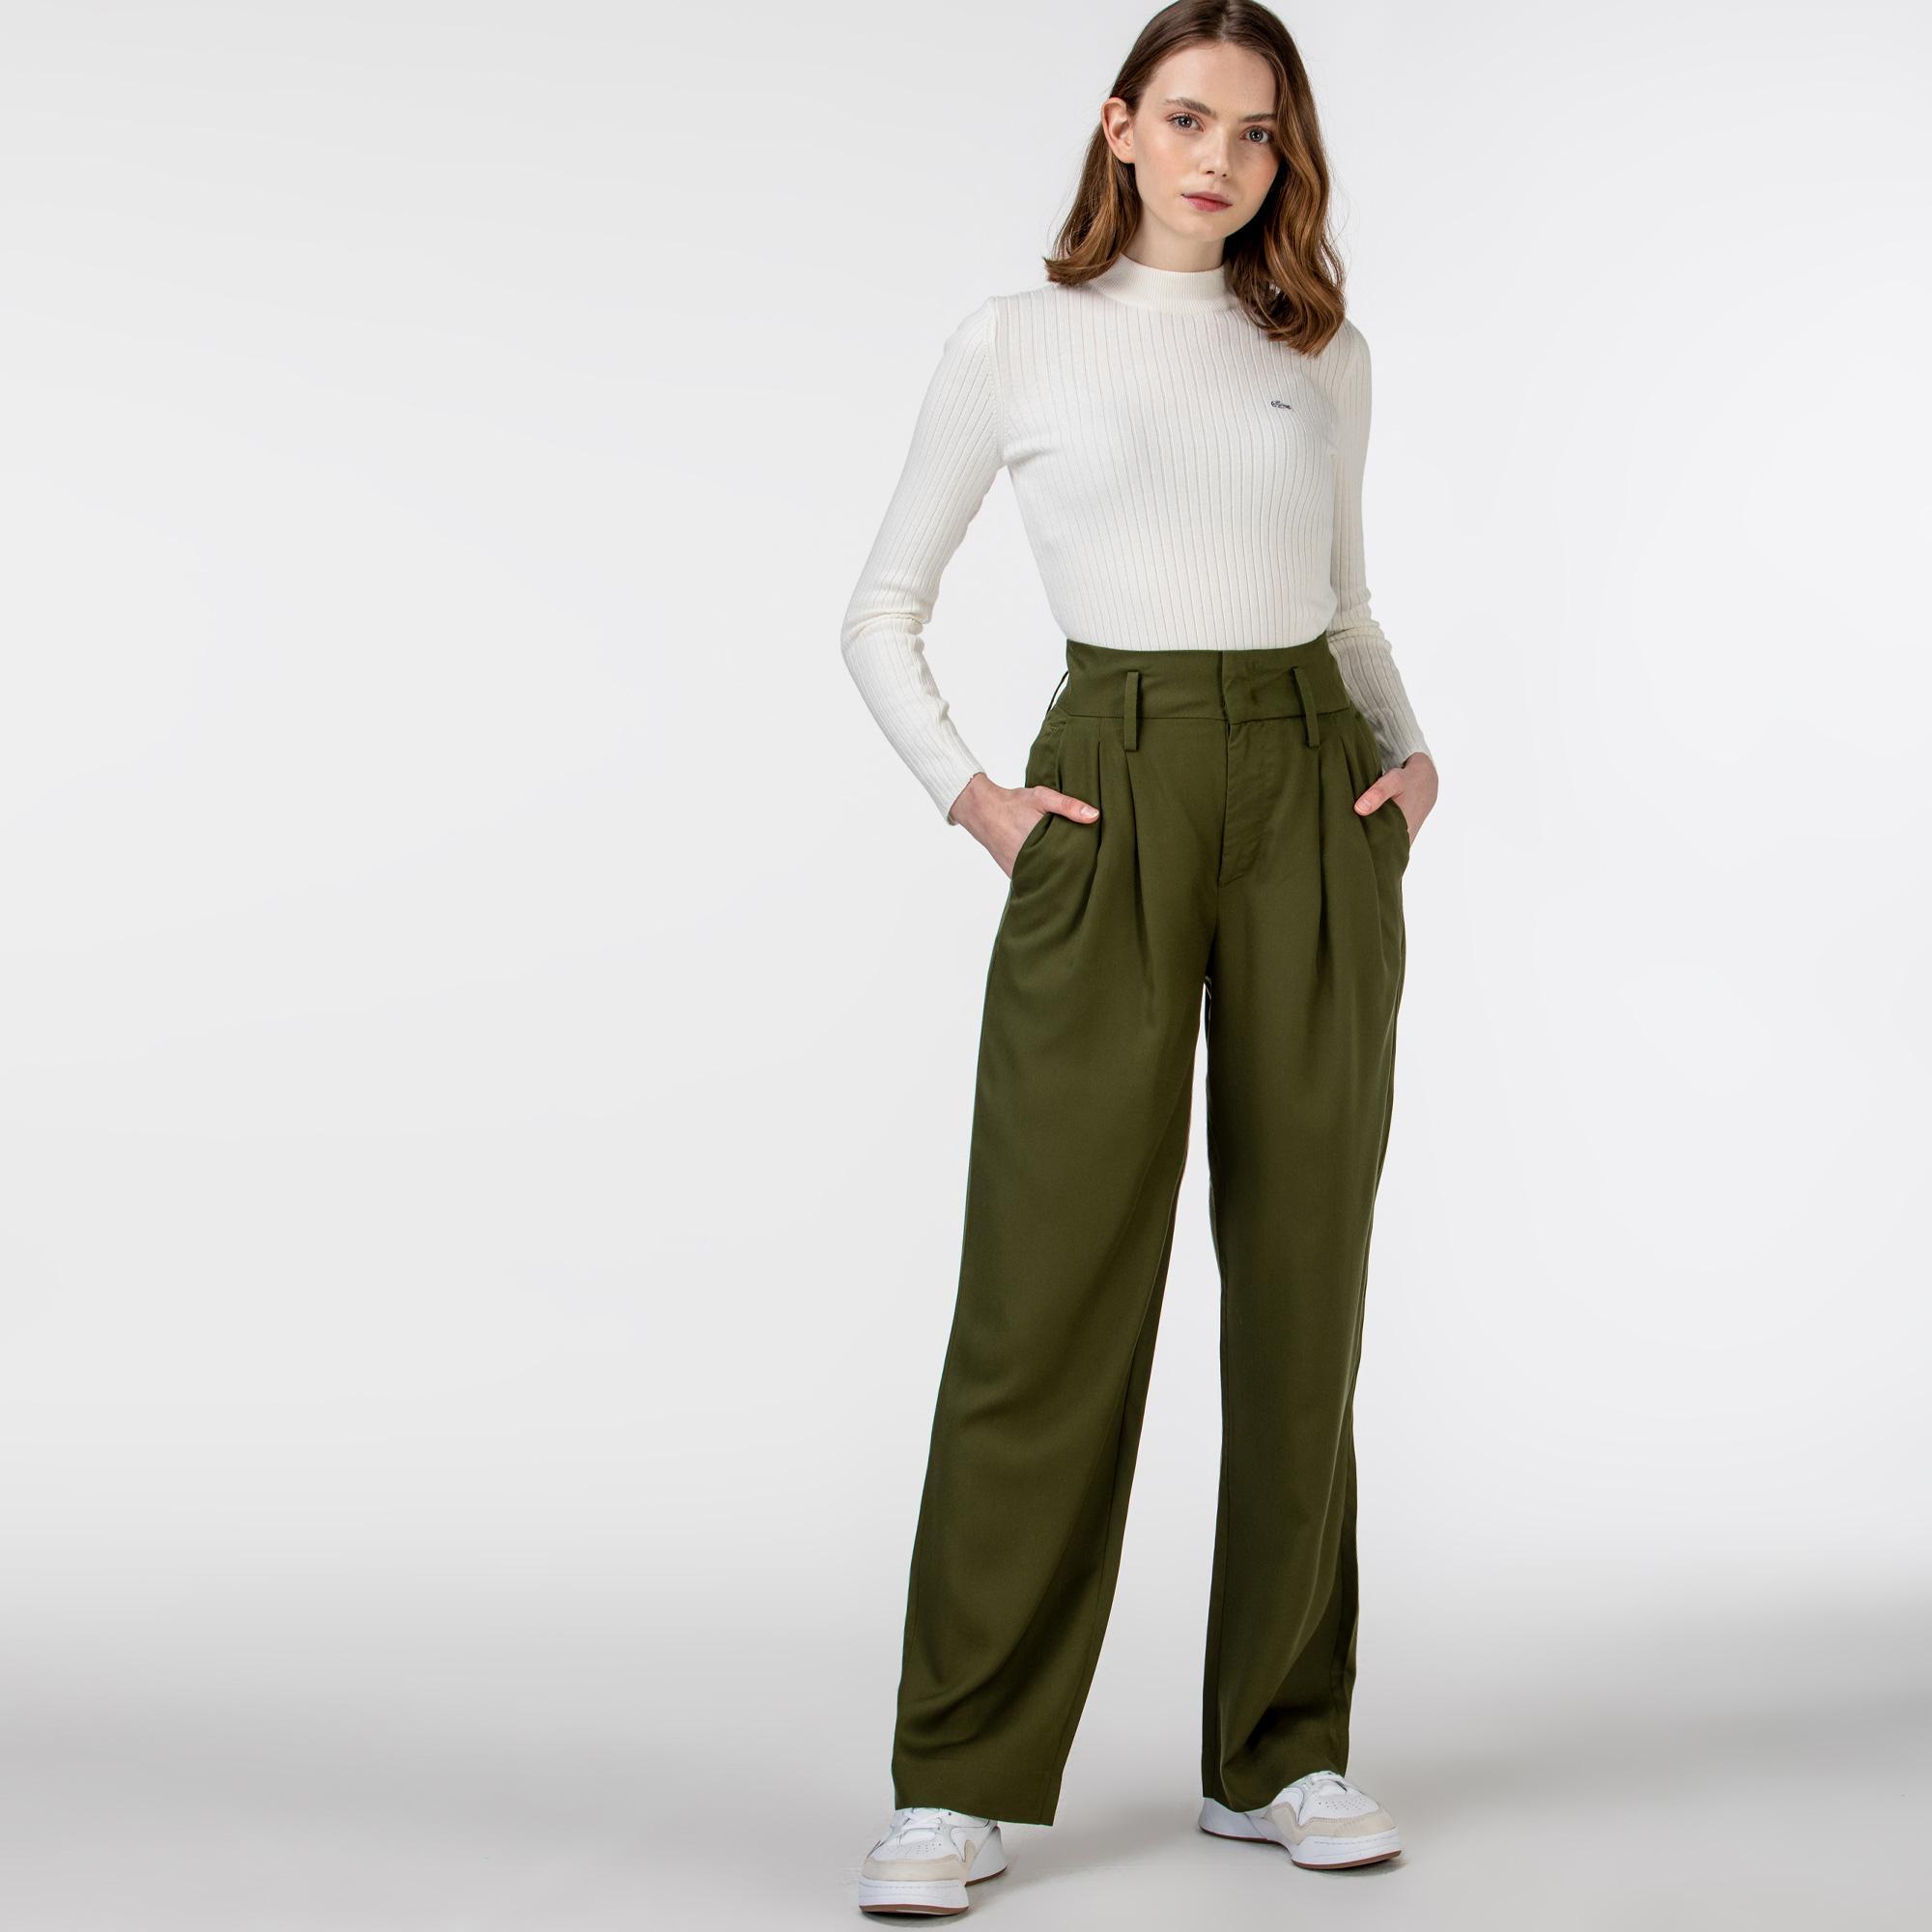 Lacoste Kadın Haki Pantolon